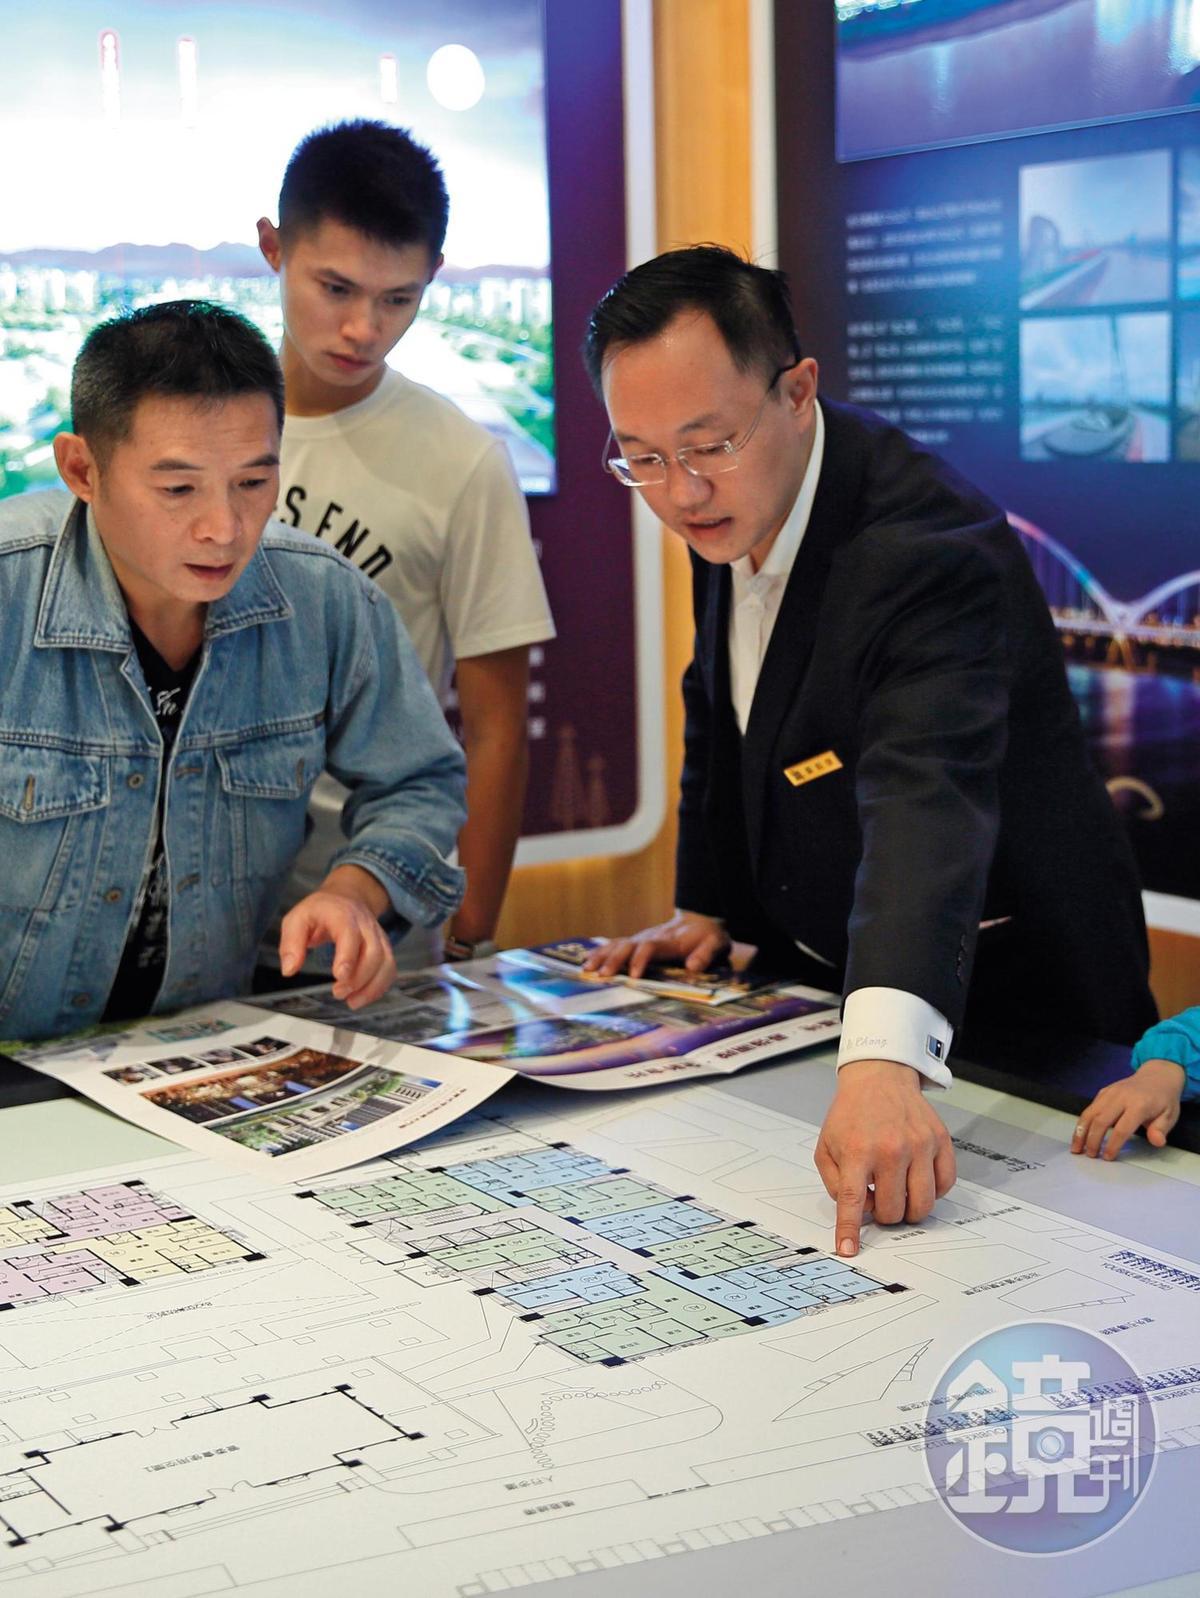 民眾看屋時,建議多跑幾家接待中心,了解各個建案的行情與細節。